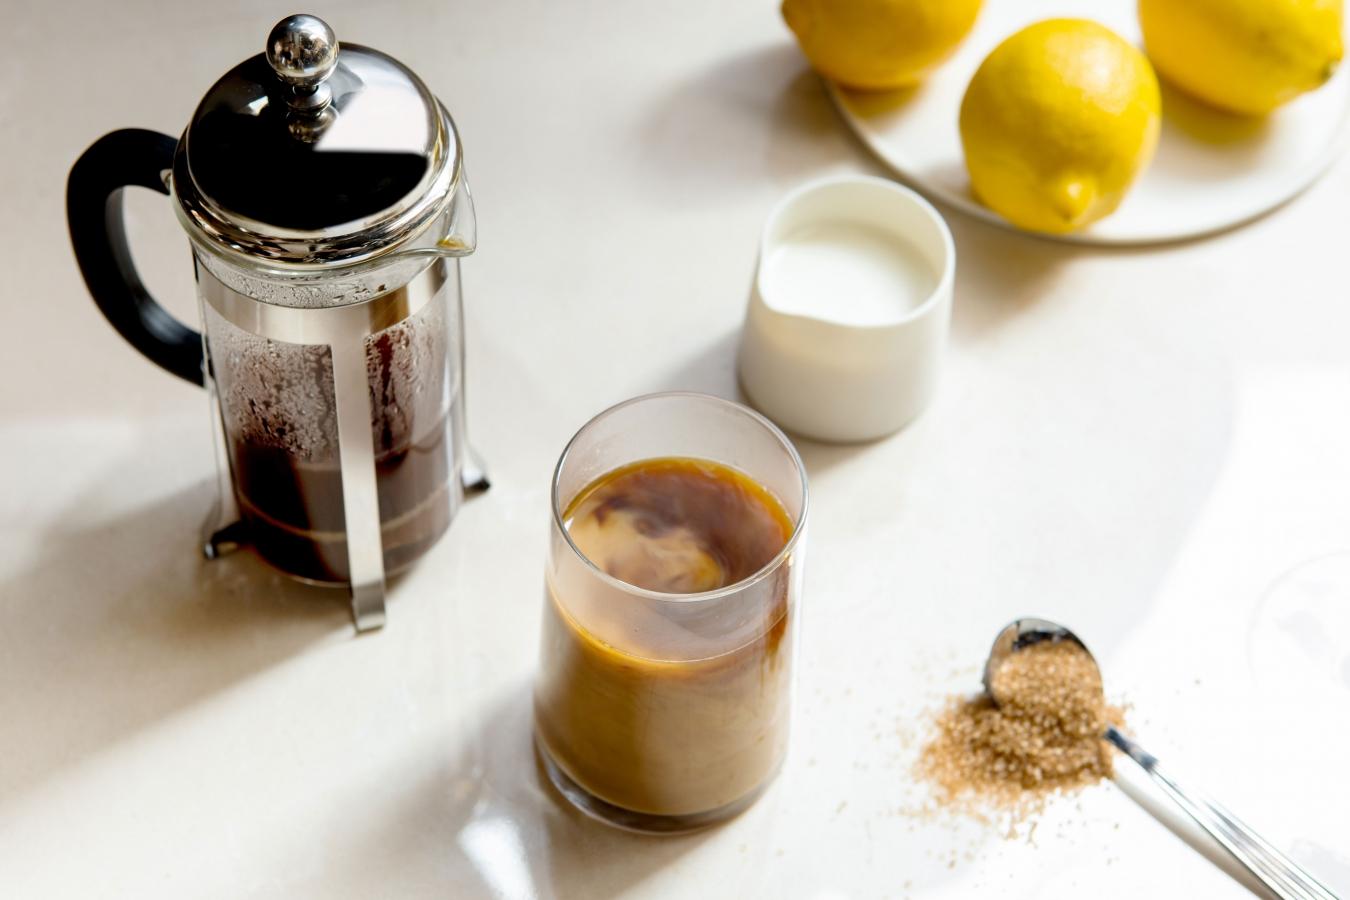 Pöydällä kahvin valmistukseen tarvittavat välineet: pressopannu, maitokannu, kahvimuki ja lusikallinen sokeria.